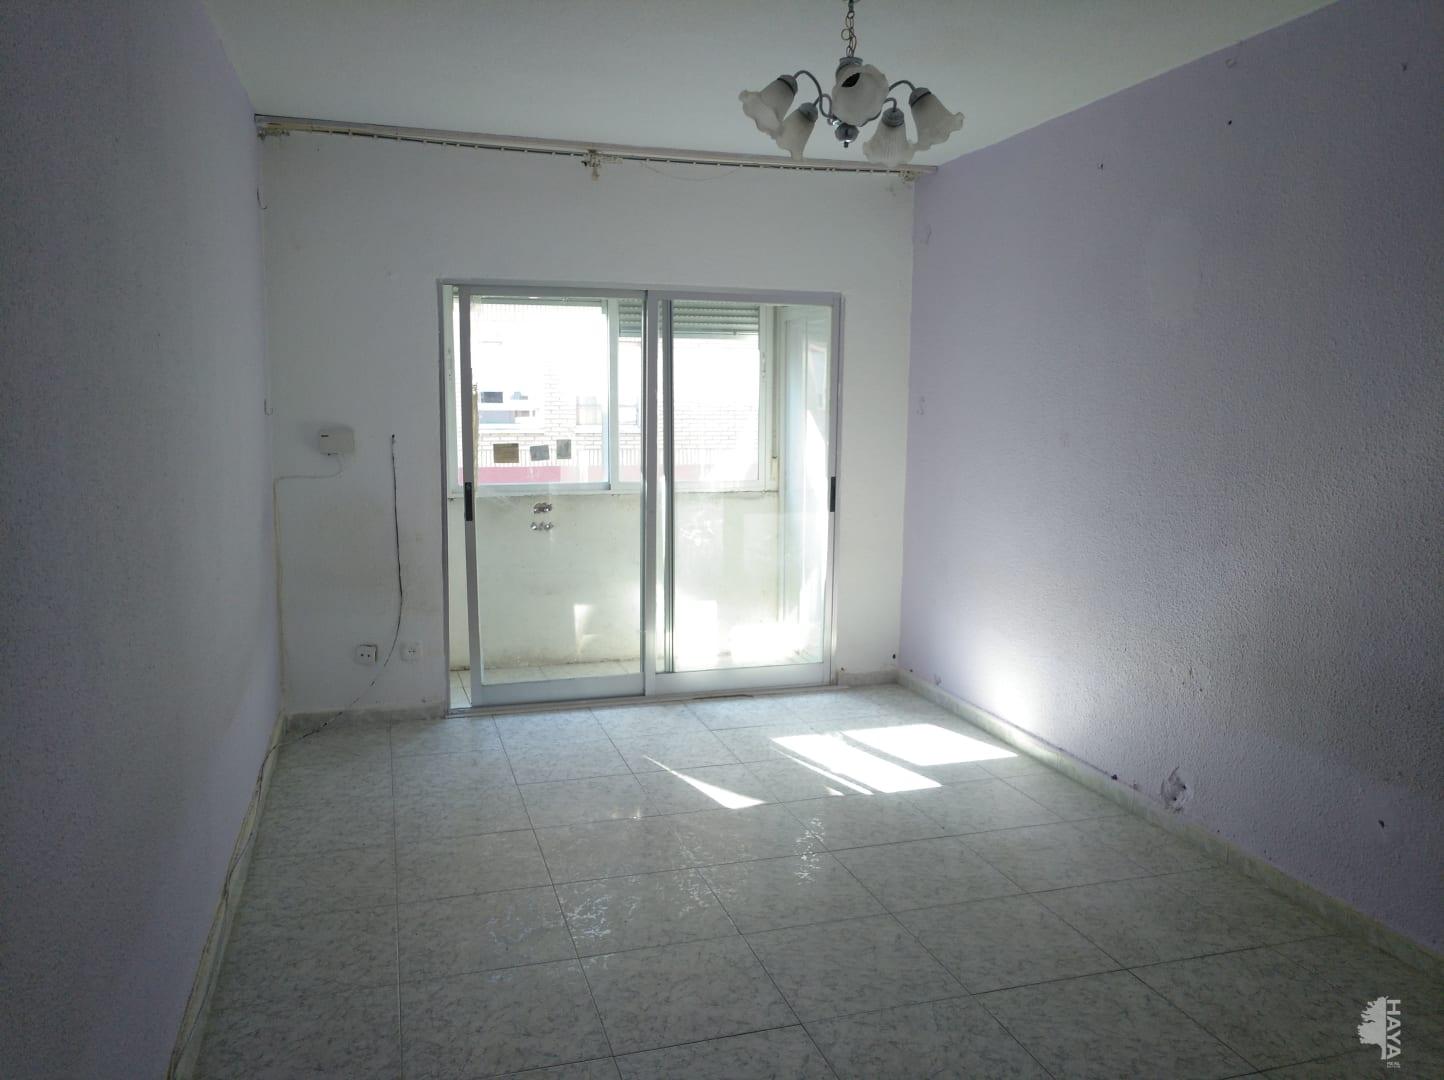 Piso en venta en La Laguna, Parla, Madrid, Calle San Anton, 99.826 €, 3 habitaciones, 1 baño, 84 m2